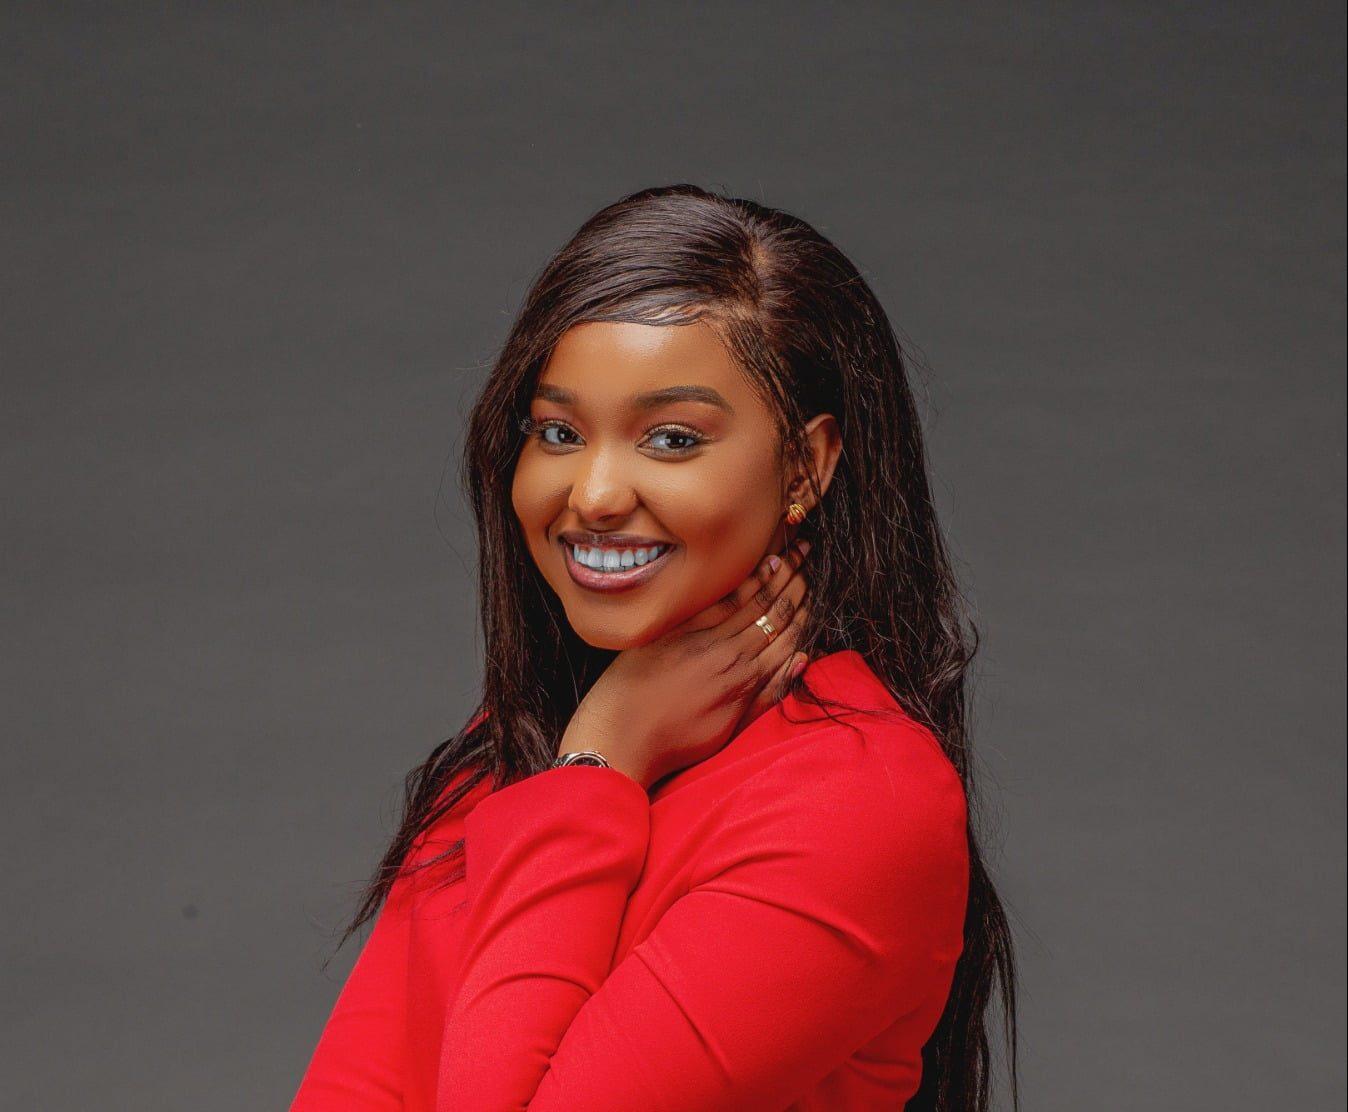 Haddy Ndure presenter and journalist